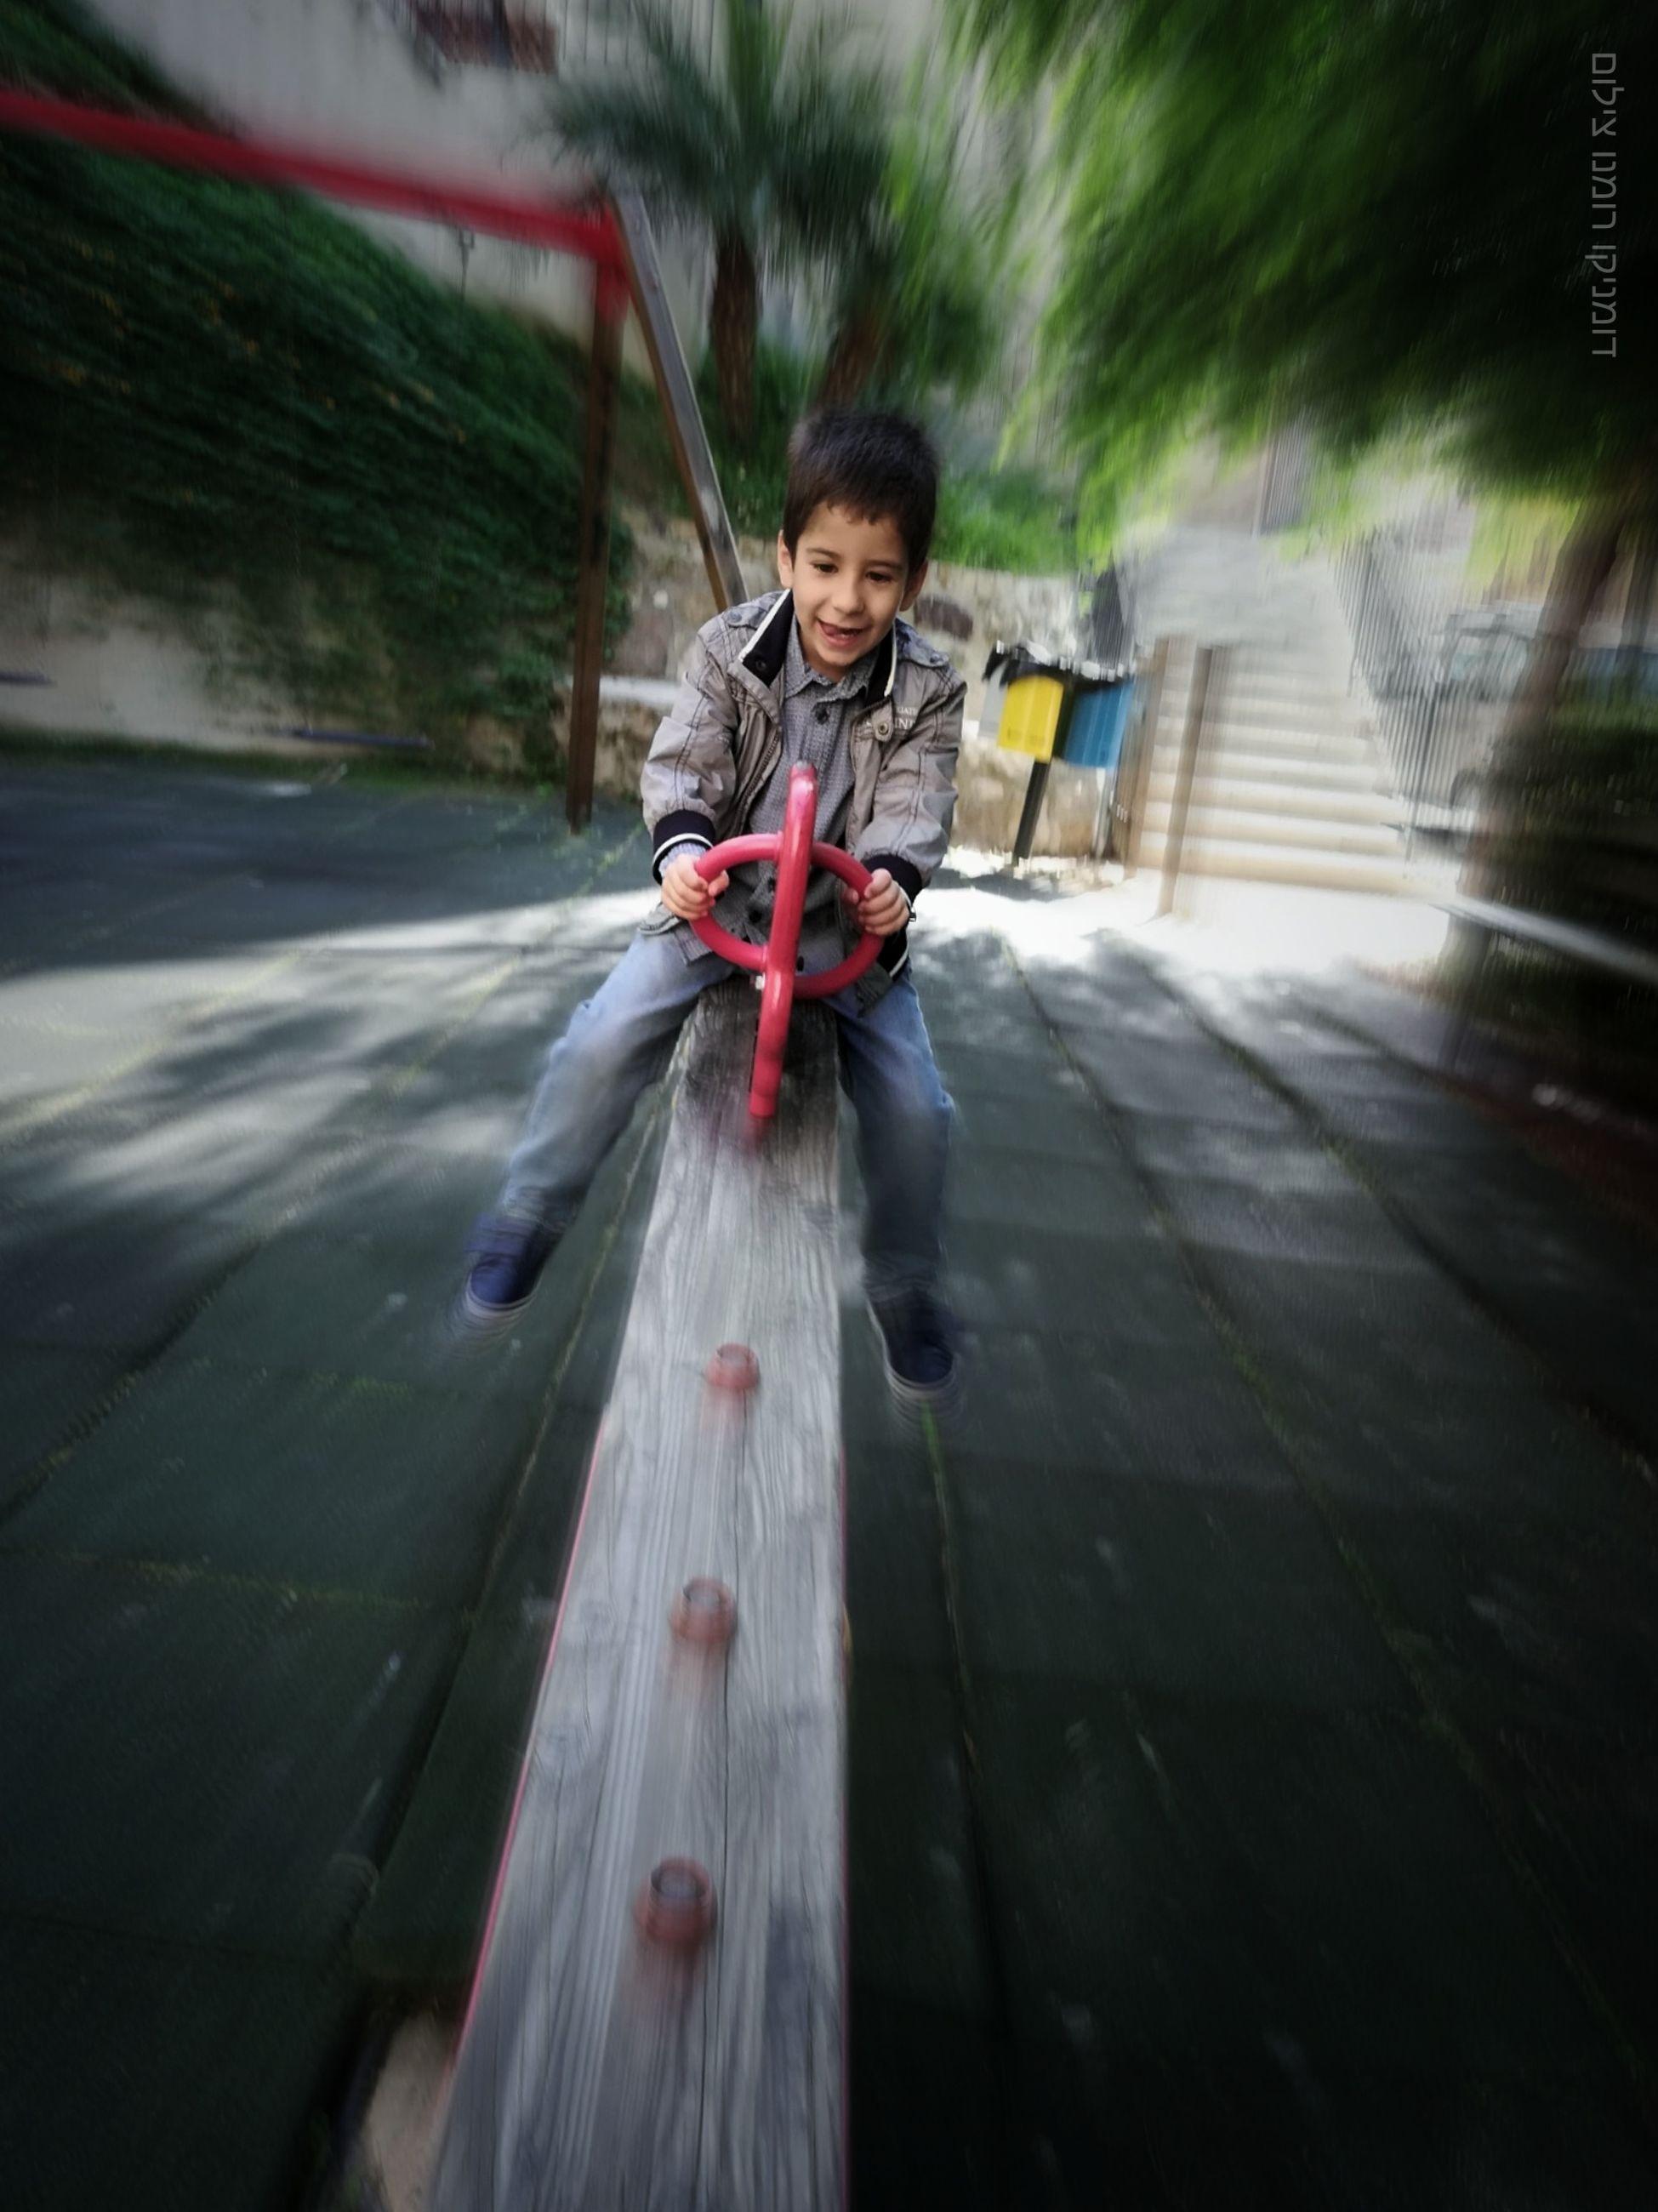 Full length of boy on seesaw